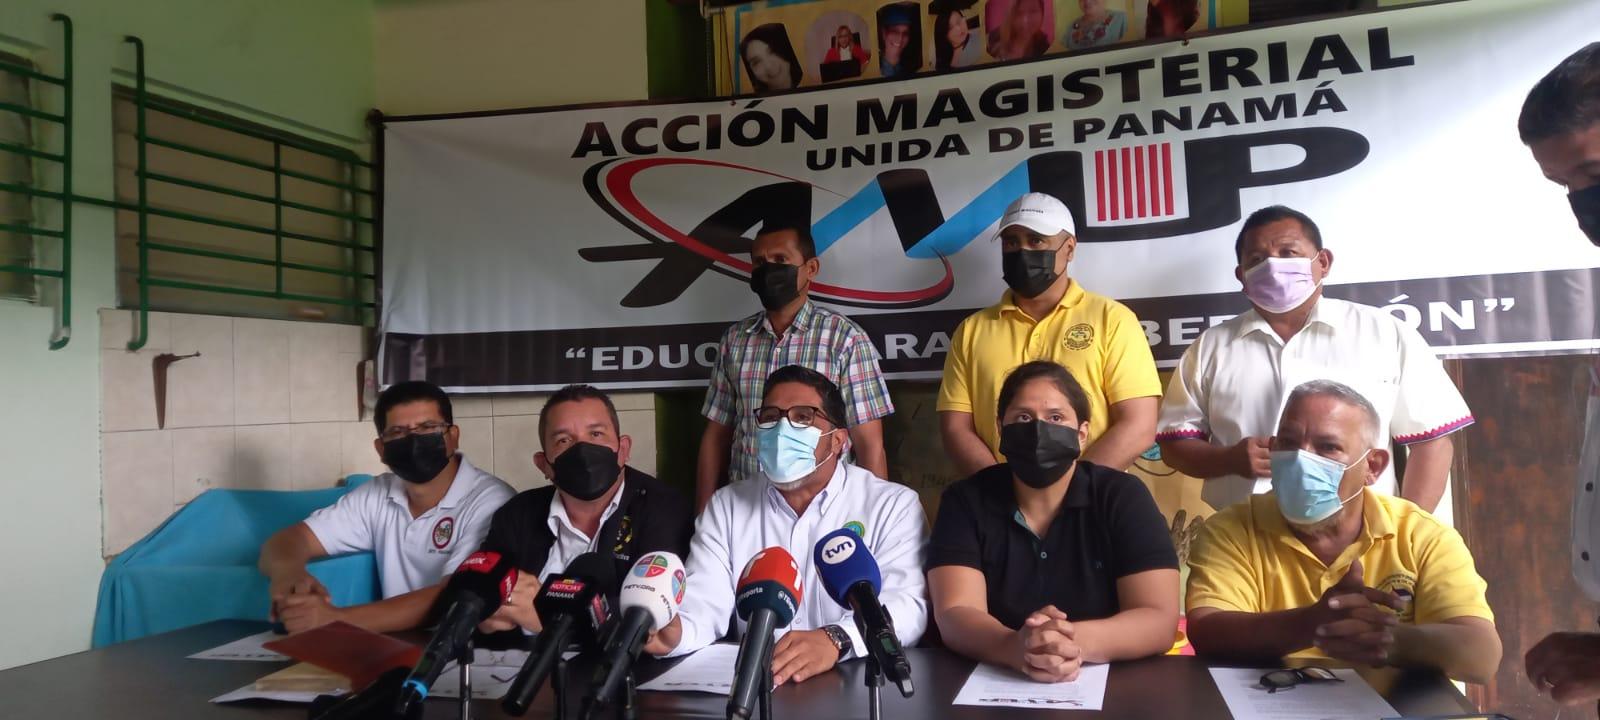 Sindicatos de docentes denuncian irregularidades para volver a clases